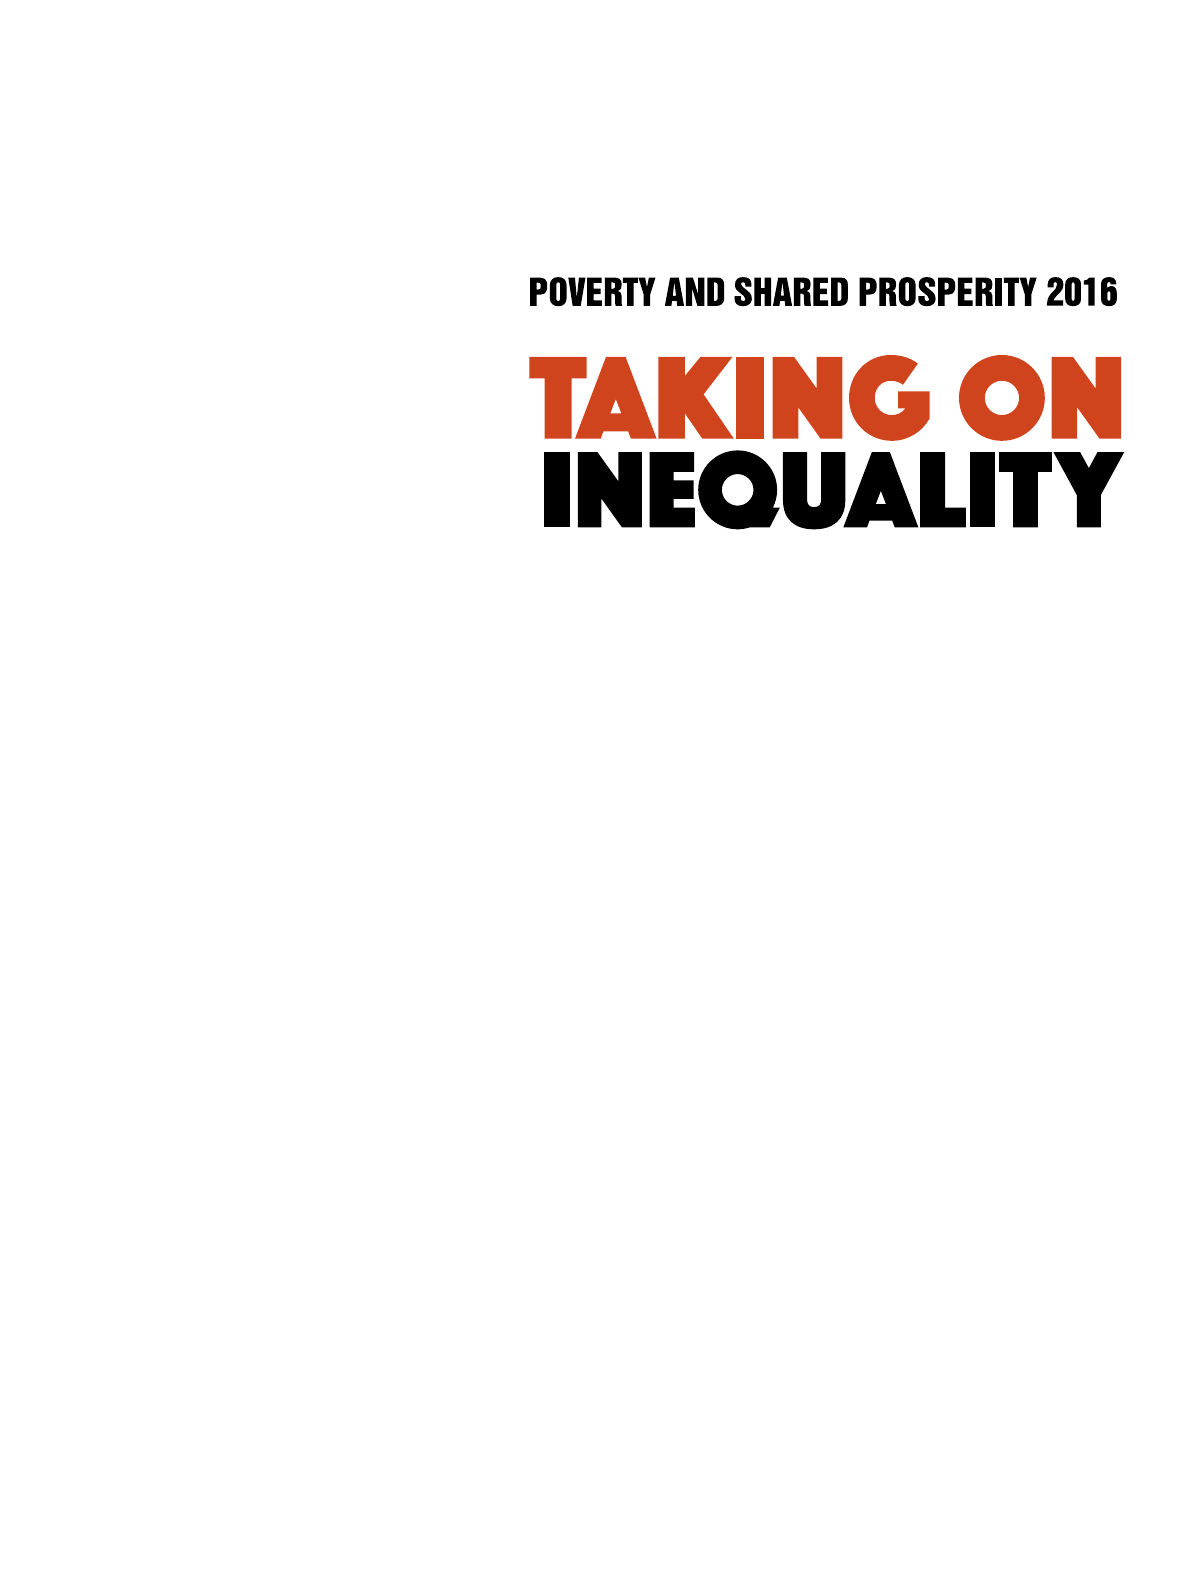 贫困与共同繁荣_000003